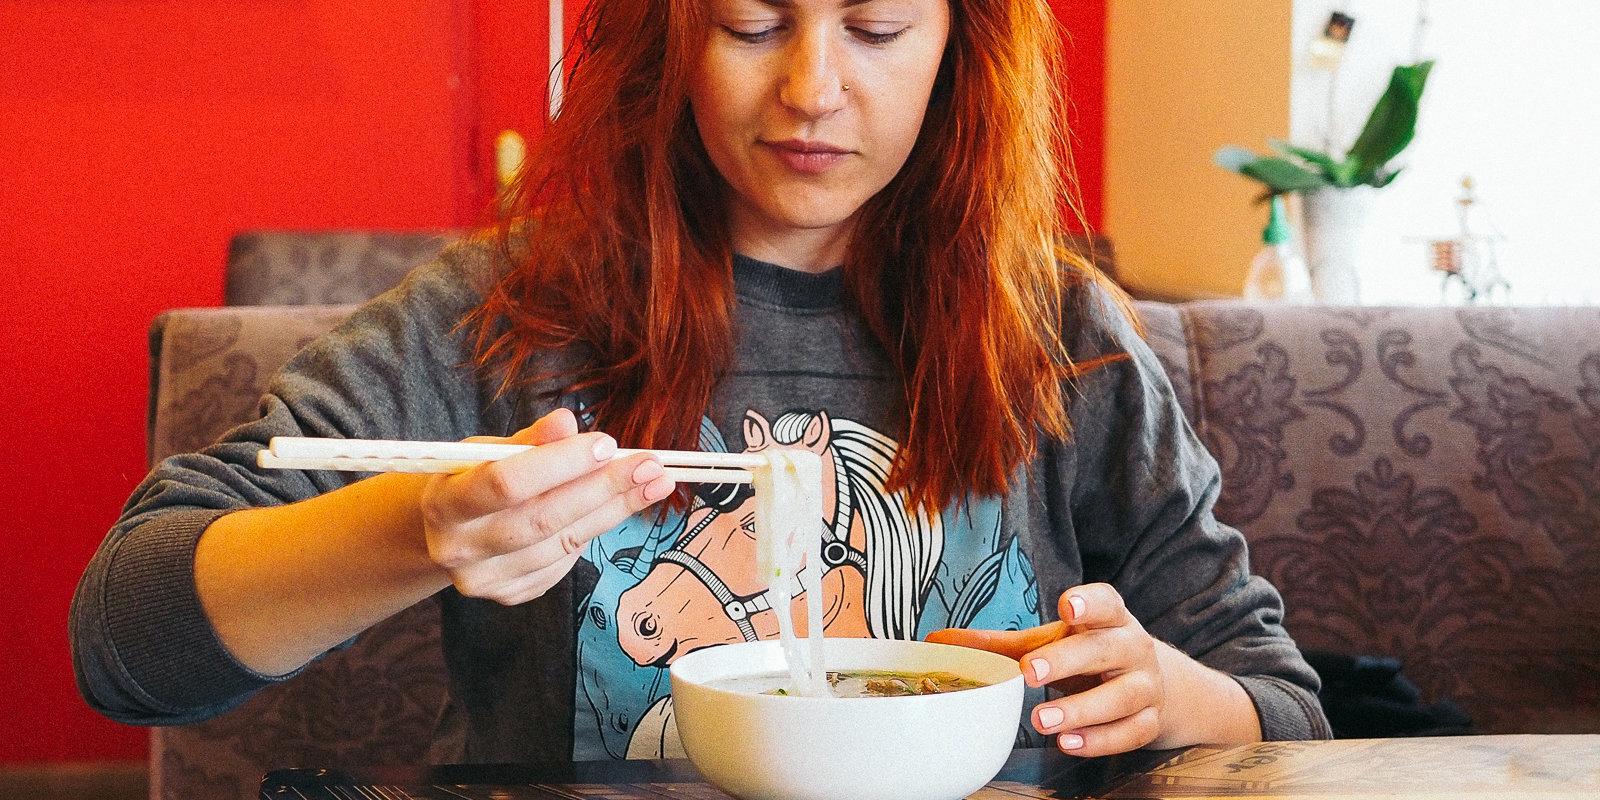 В поисках идеального супа фо. Где в Риге лучшая вьетнамская кухня?